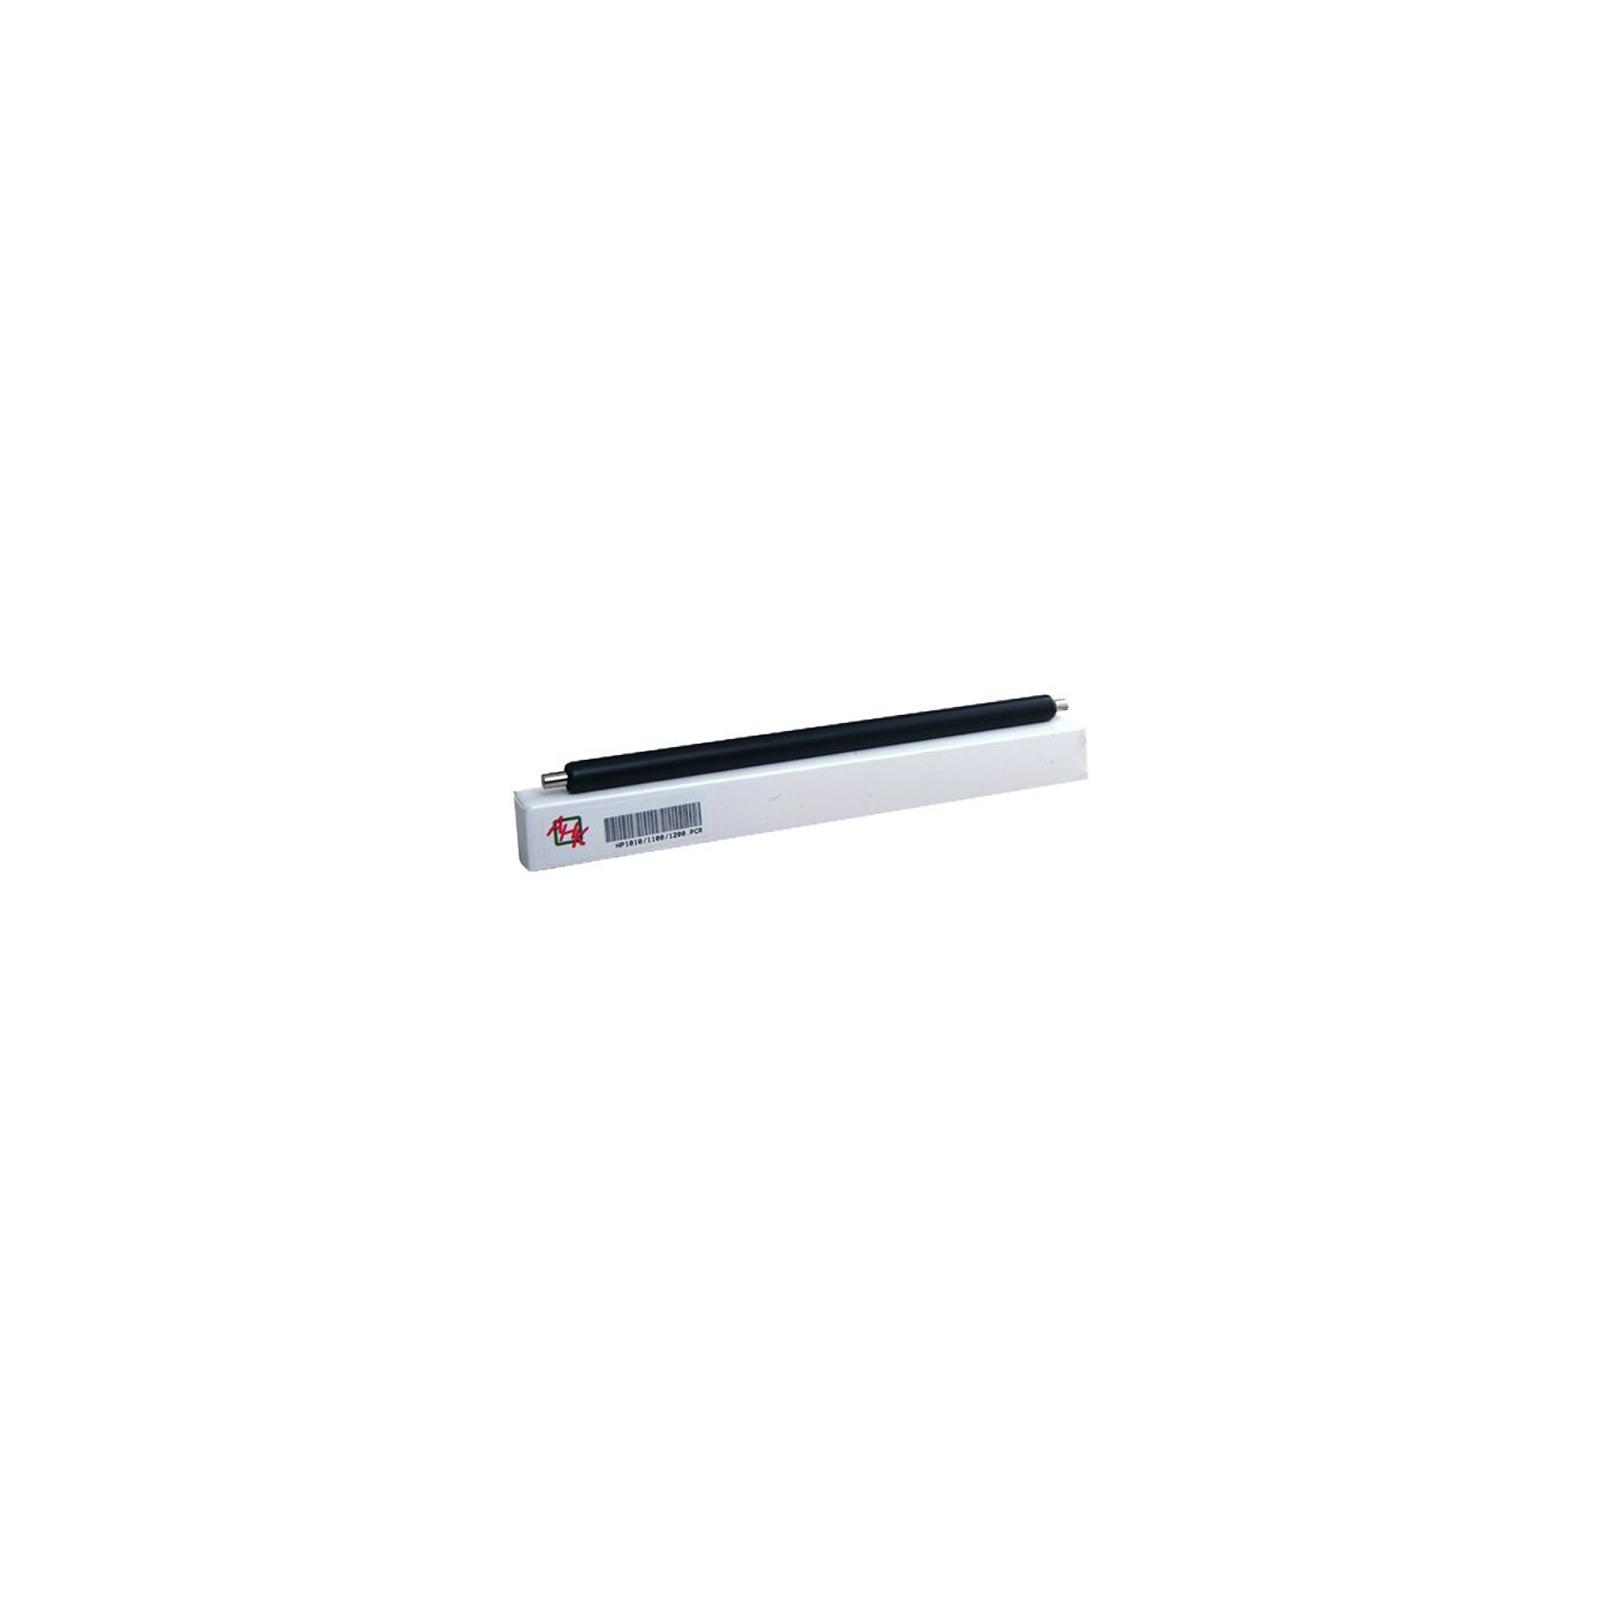 Вал первичной зарядки SAMSUNG ML-1510/1710 AHK (2600340)